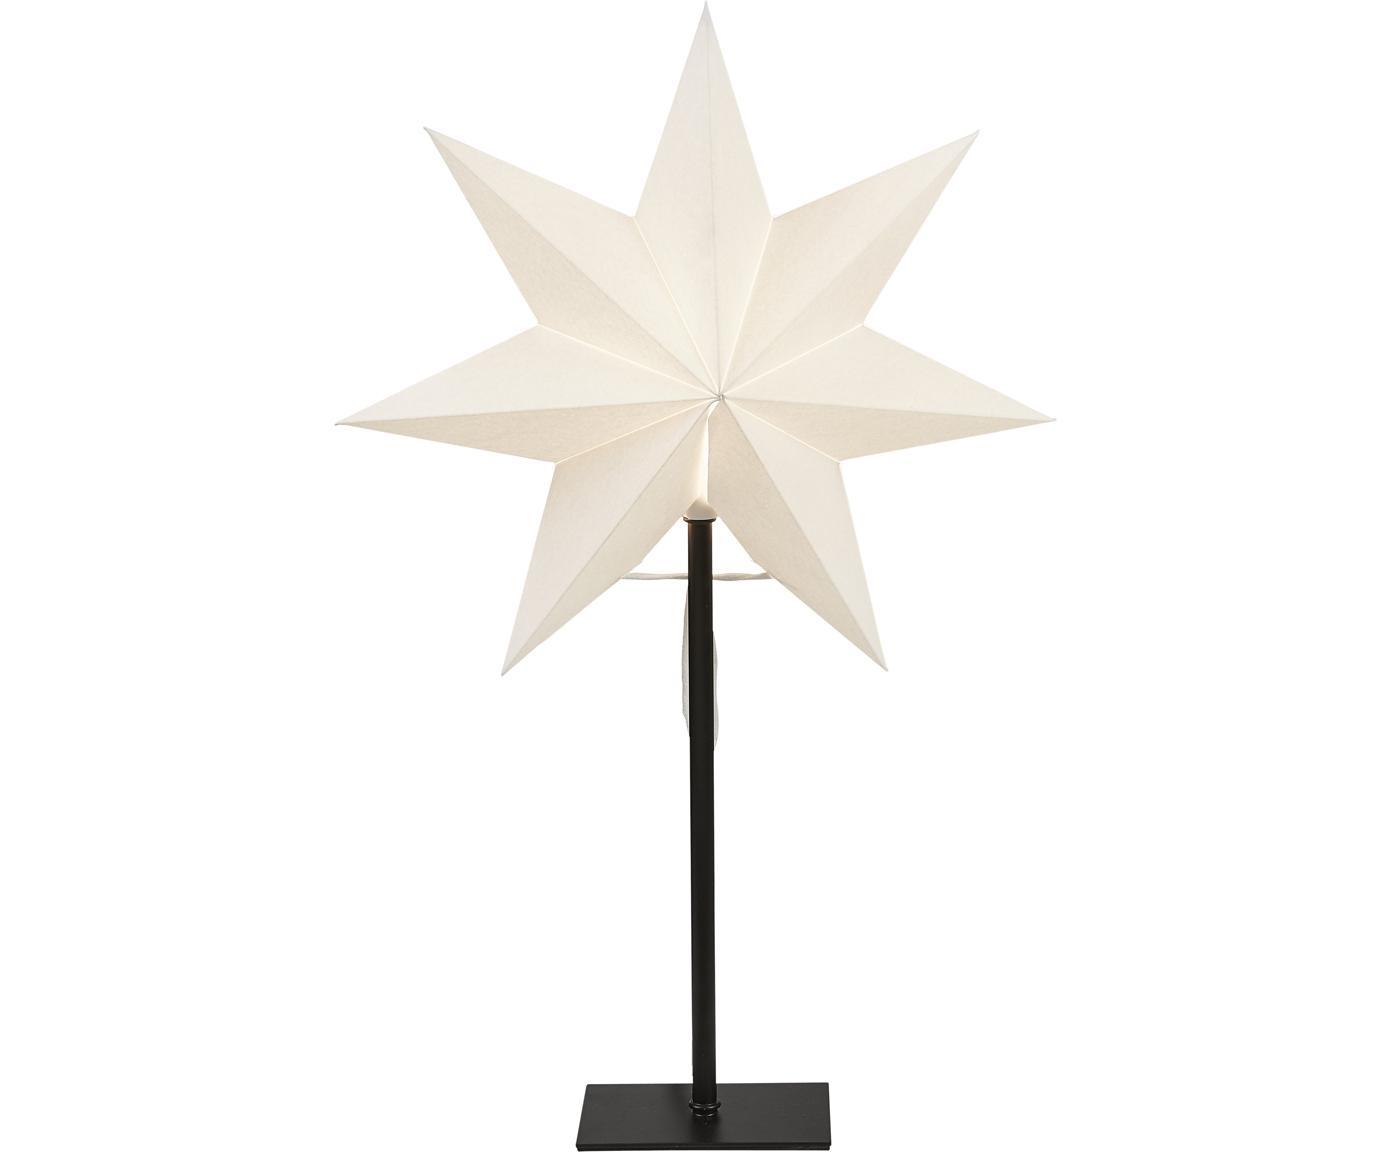 Leuchtobjekt Frozen, mit Stecker, Lampenschirm: Papier, Weiss, Schwarz, 34 x 55 cm